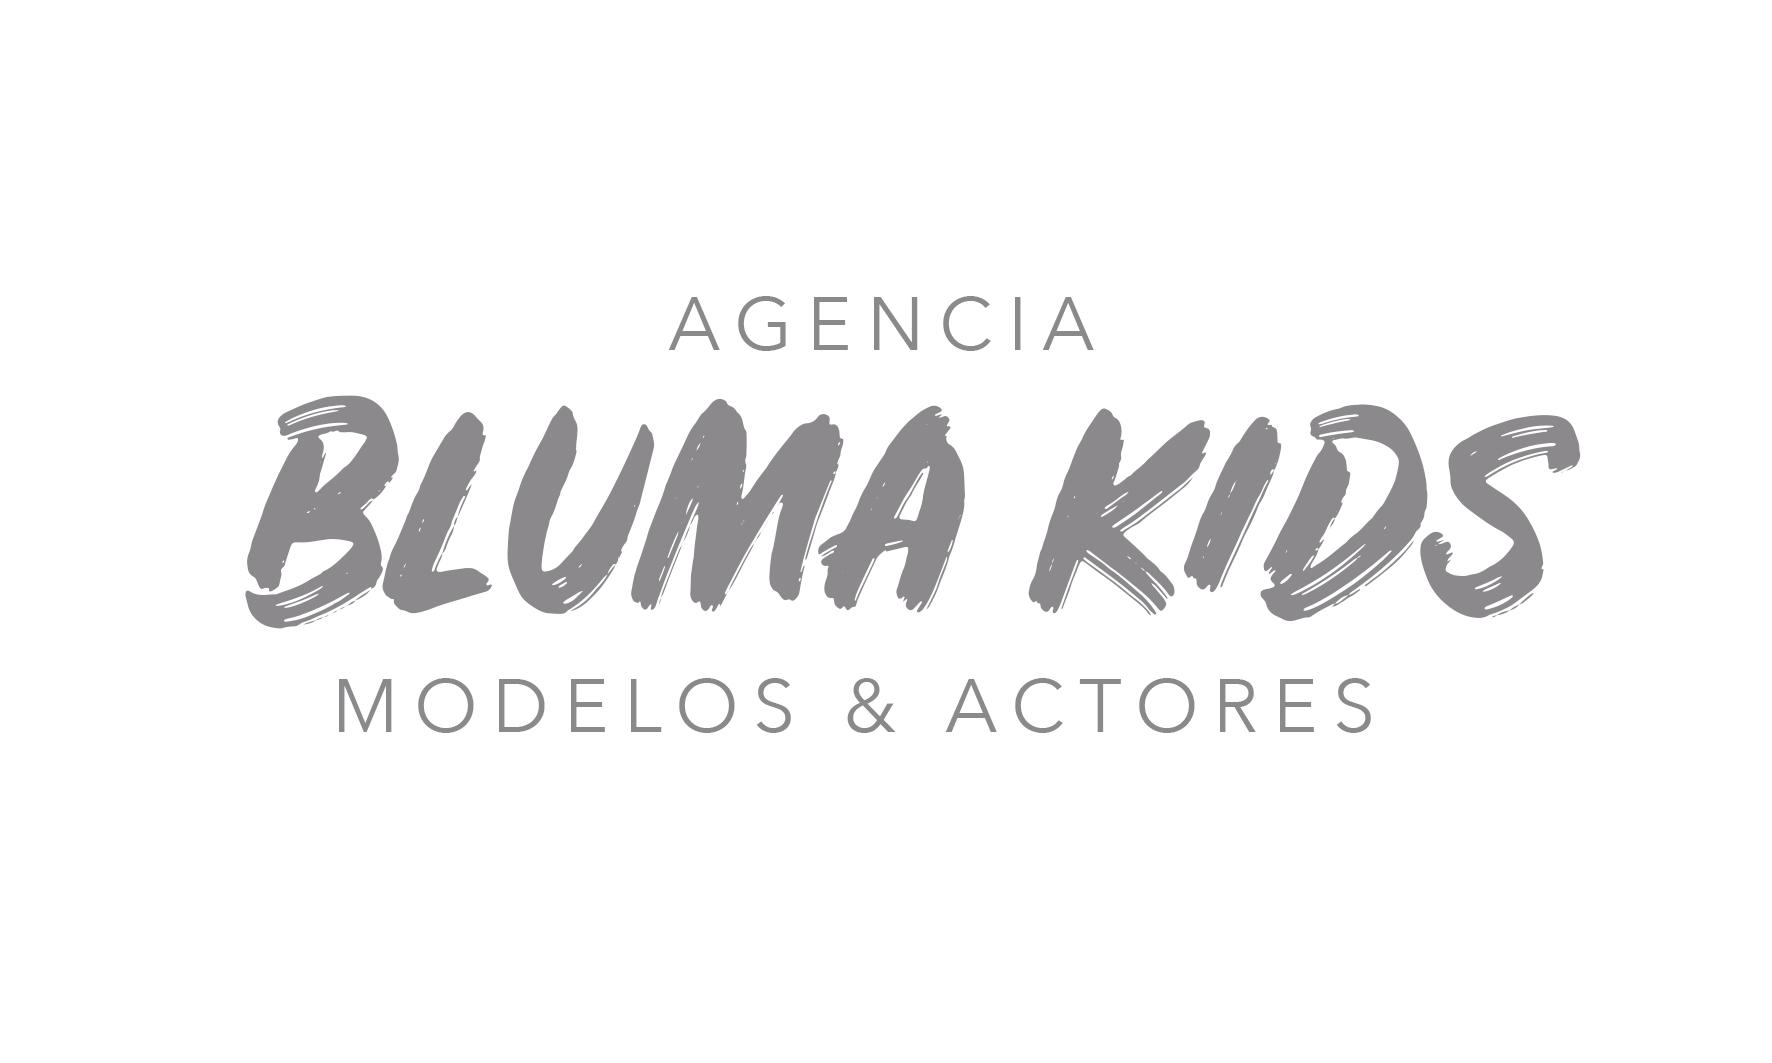 Bluma Kids Agencia de Niños Modelos y Actores